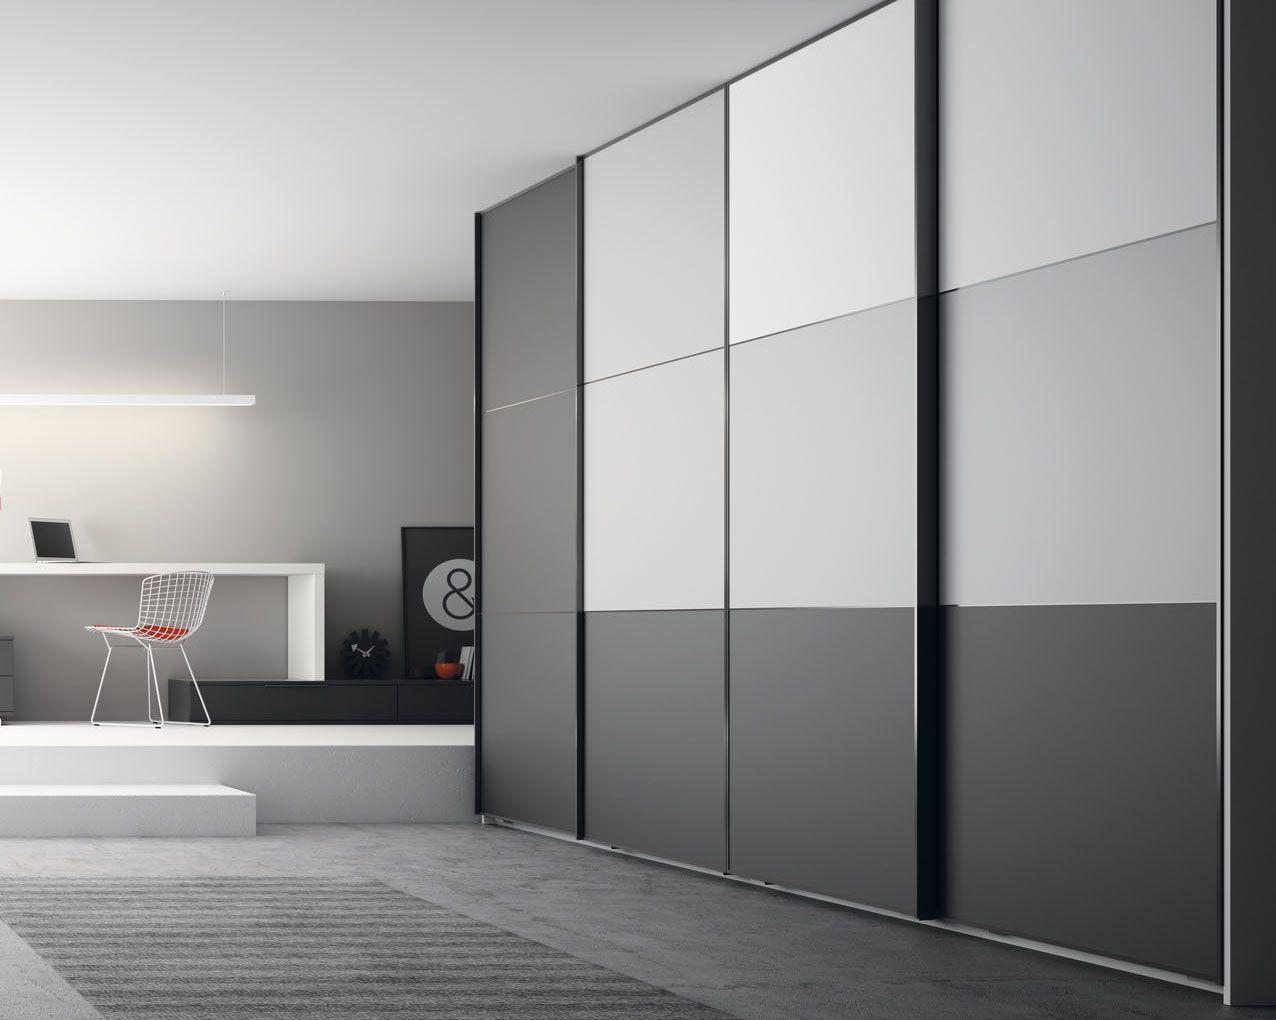 Armarios puertas correderas a medida bedroom decor - Interiores armarios empotrados puertas correderas ...